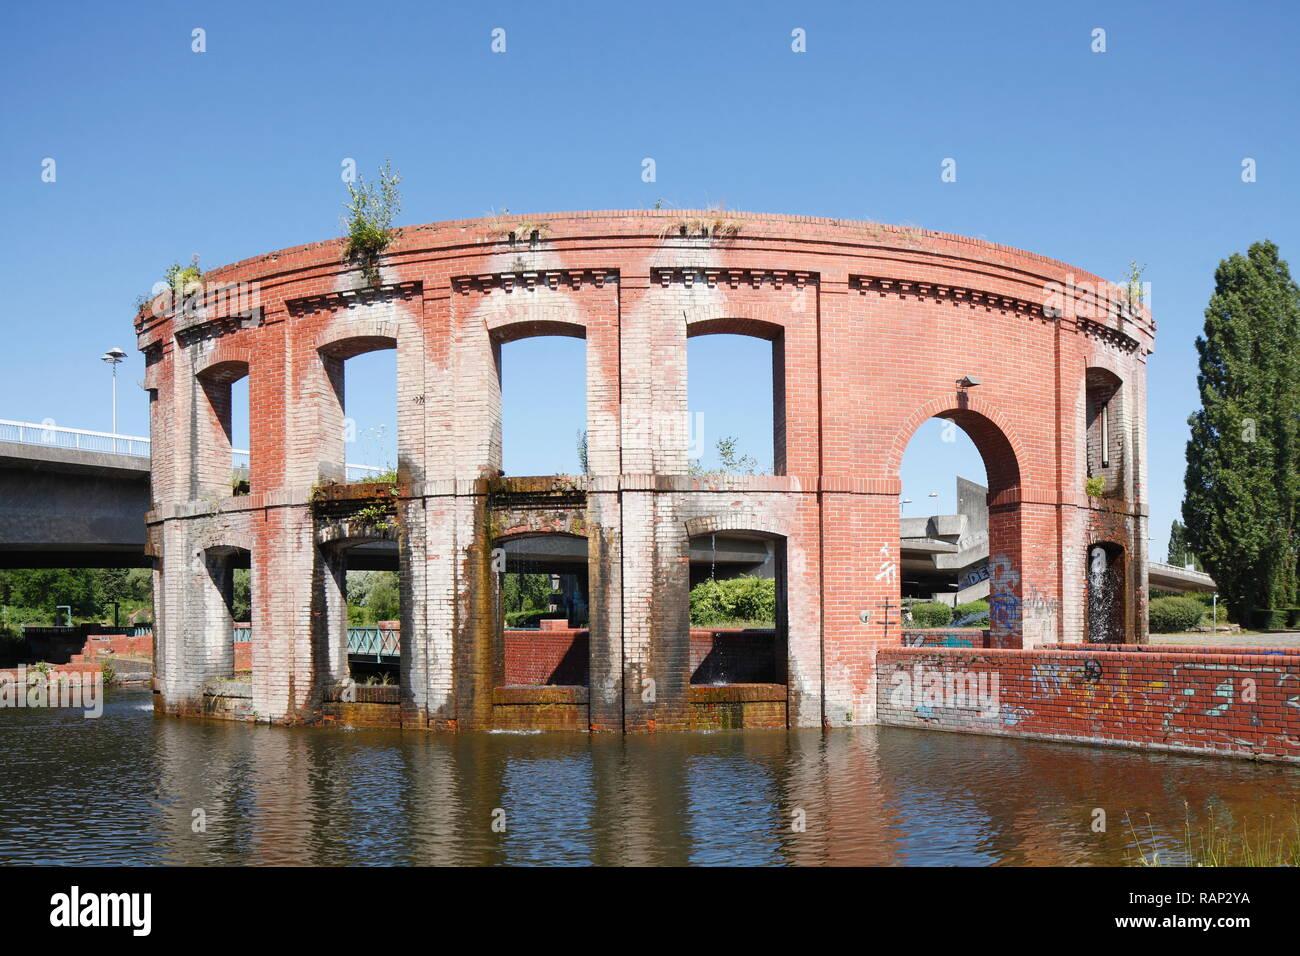 Bürgerpark auf der Hafeninsel mit Wassertor, Saarbrücken, Saarland, Deutschland - Stock Image